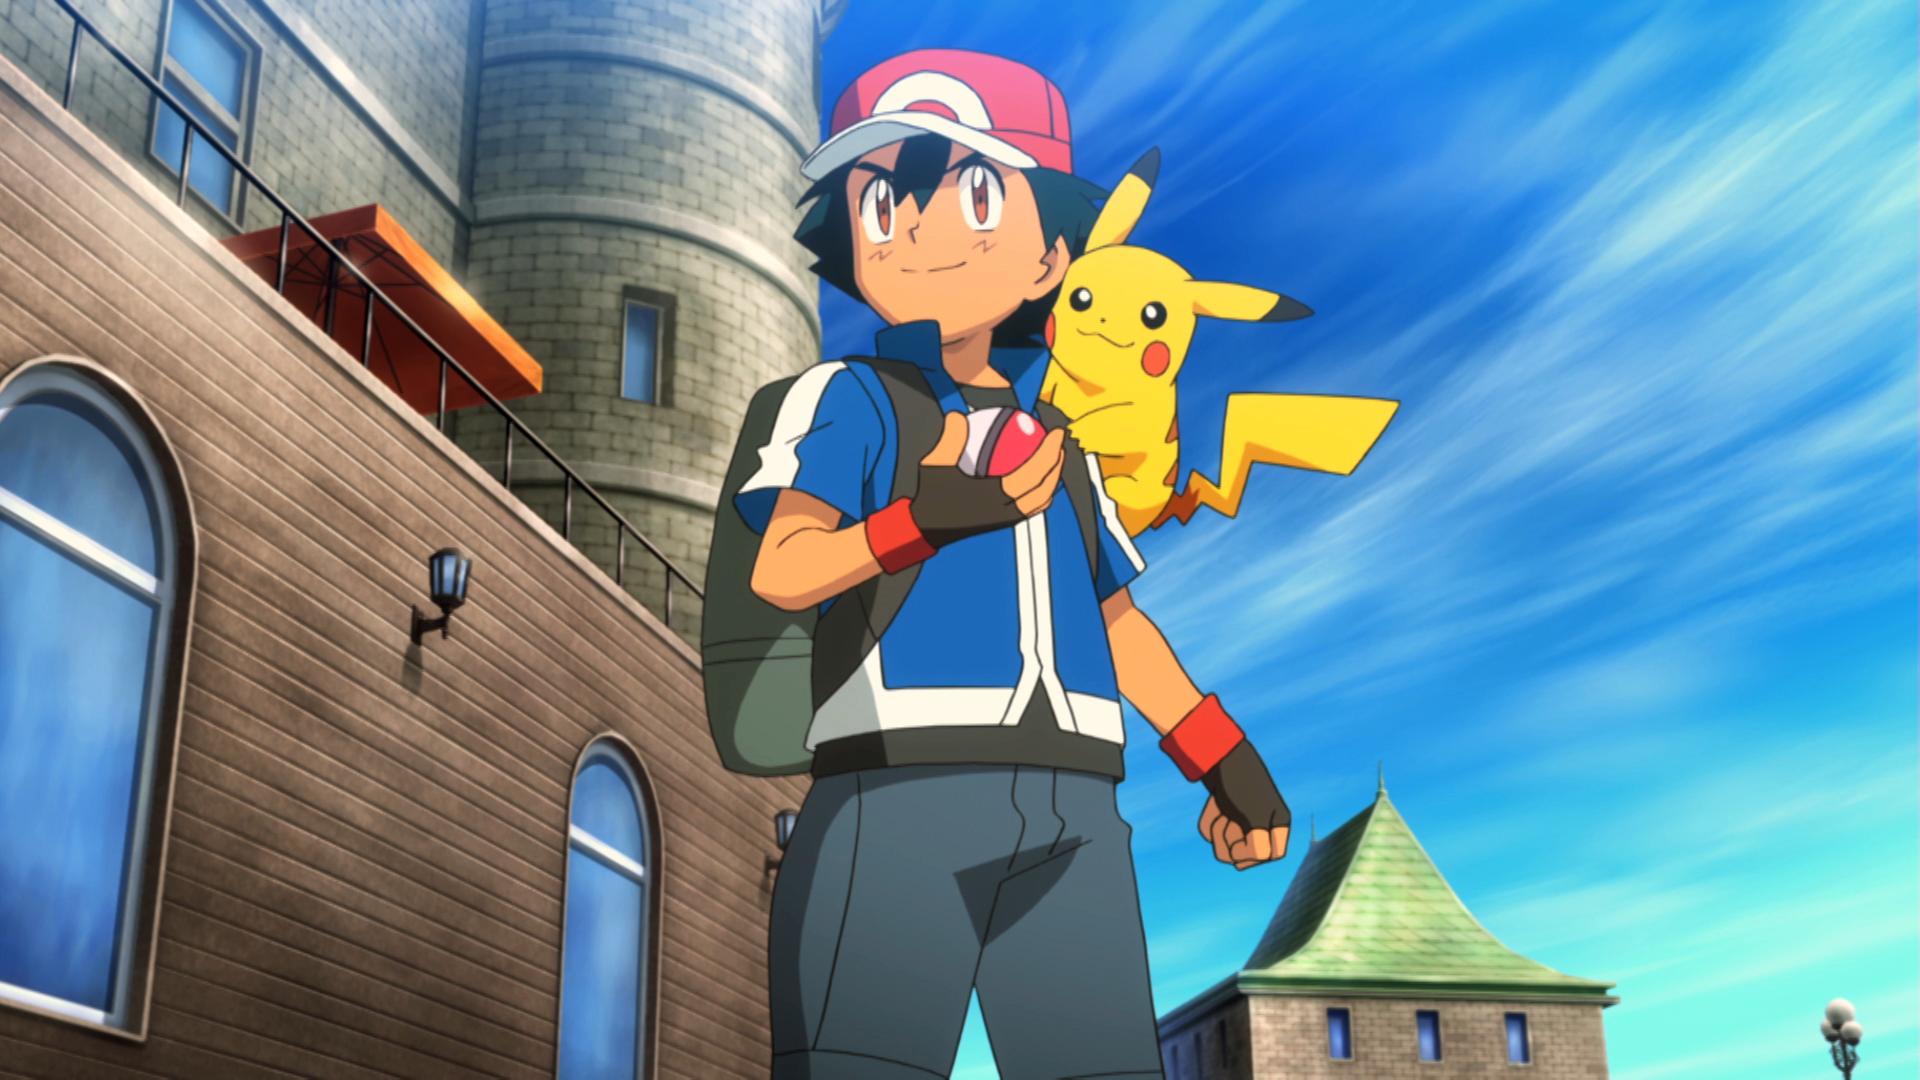 Ash e Pikachu in un momento del film Pokémon Il Film - Diancie e il Bozzolo della Distruzione